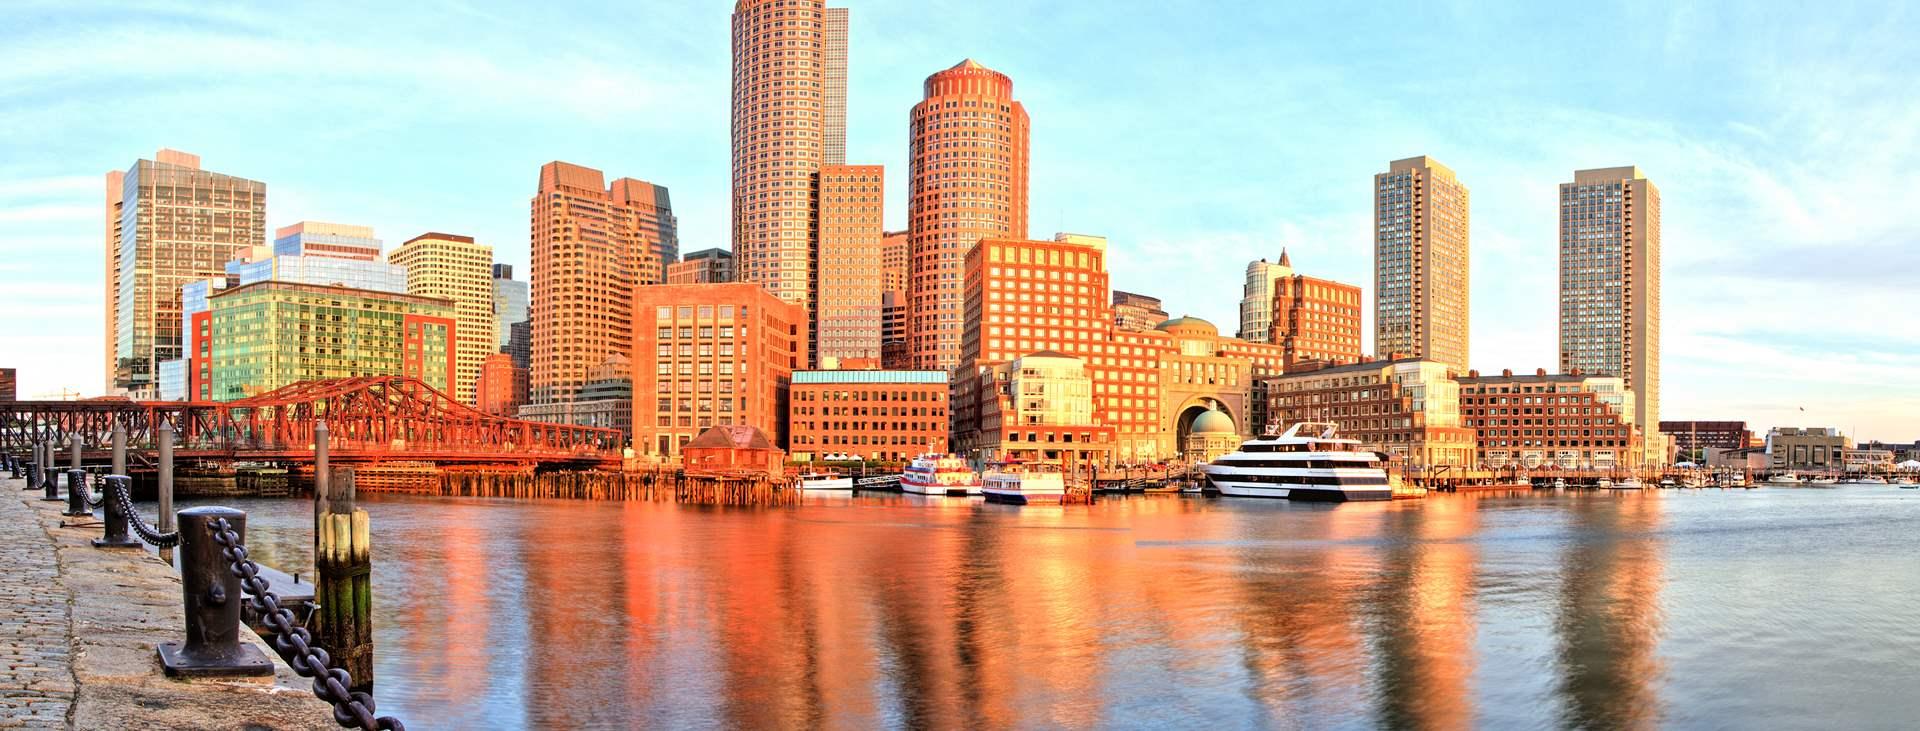 Bestill en reise med Ving til Boston i USA